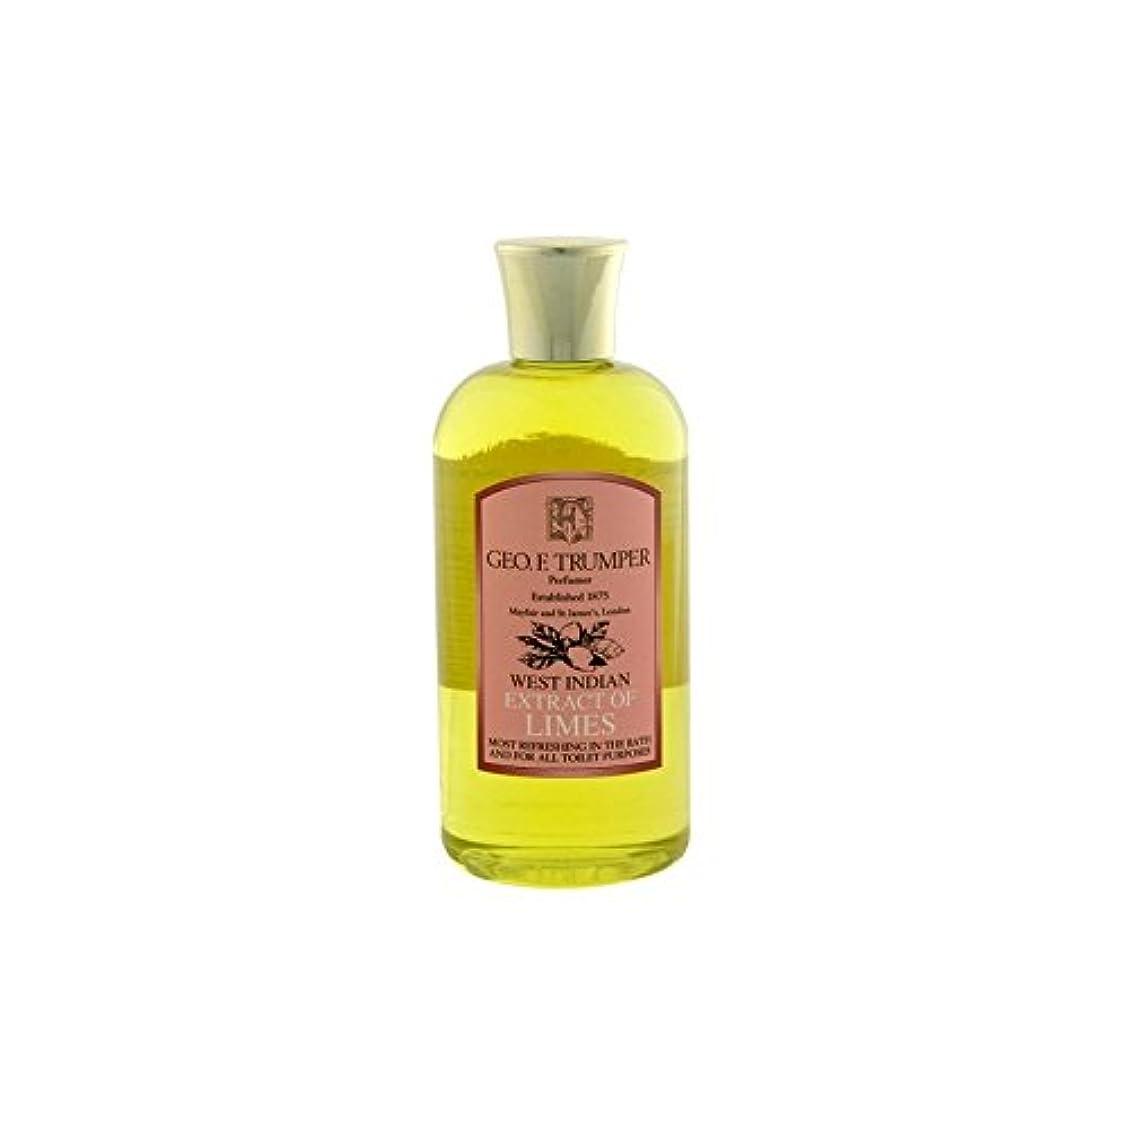 ガード疎外する密輸Trumpers Limes Bath & Shower Gel - 500ml Travel - ライムのバス&シャワージェル - 500ミリリットル旅 [並行輸入品]